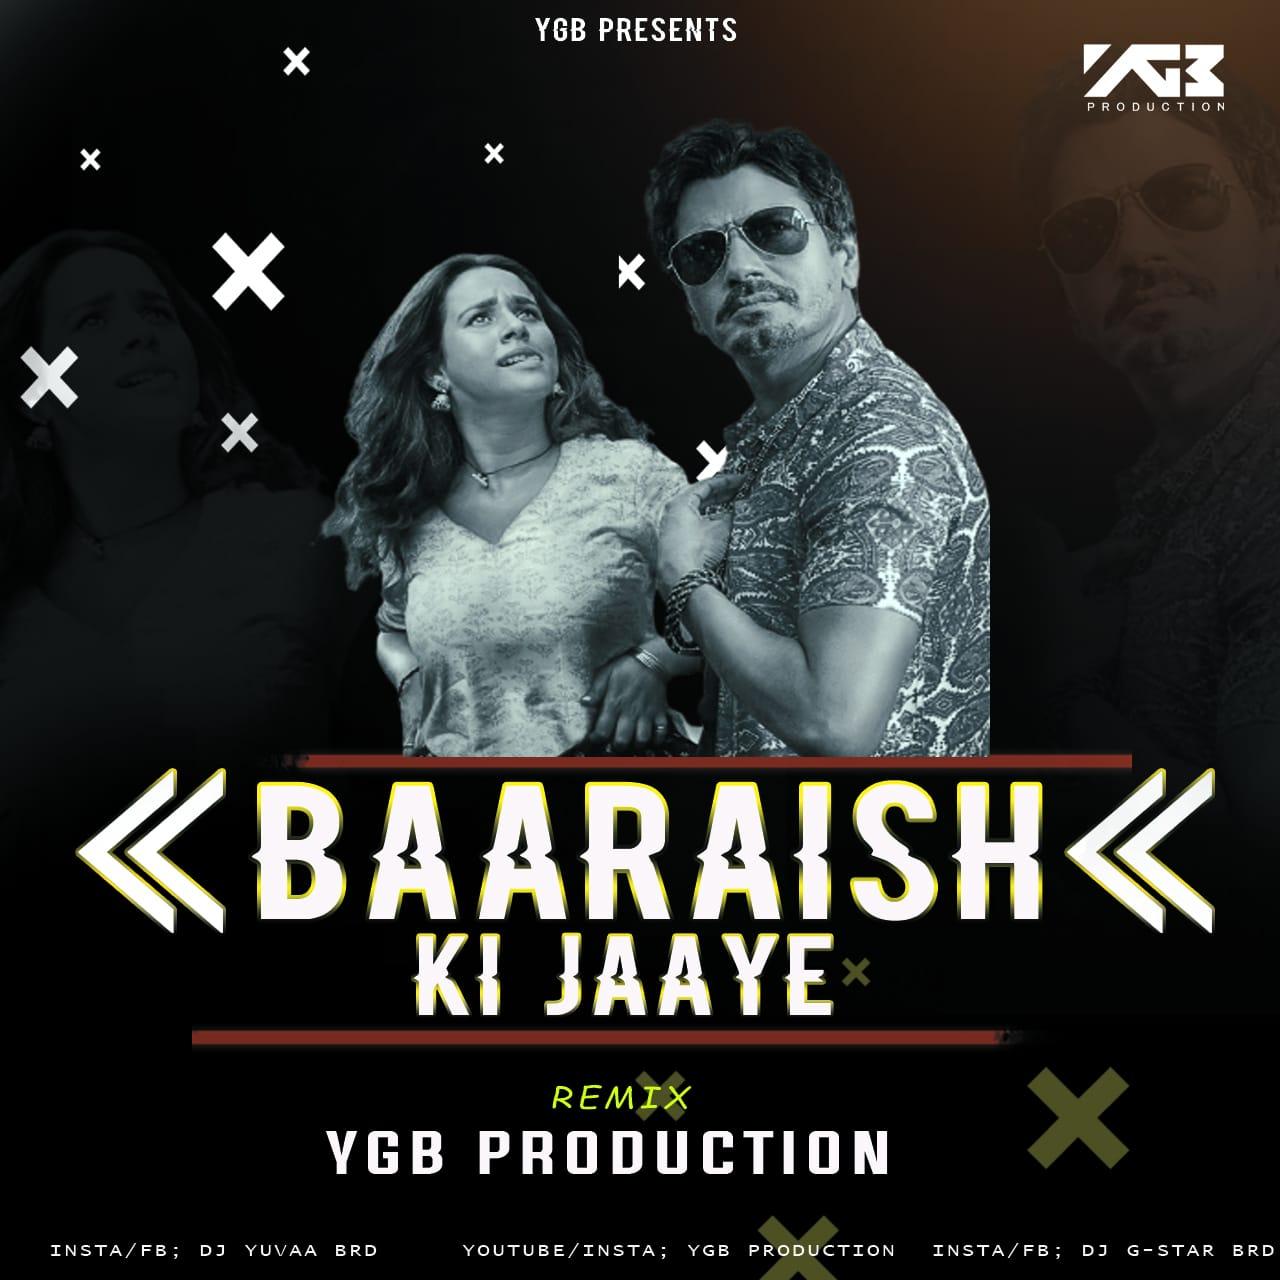 BAARISH KI JAAYE EDM MIX YGB PRODUCTION